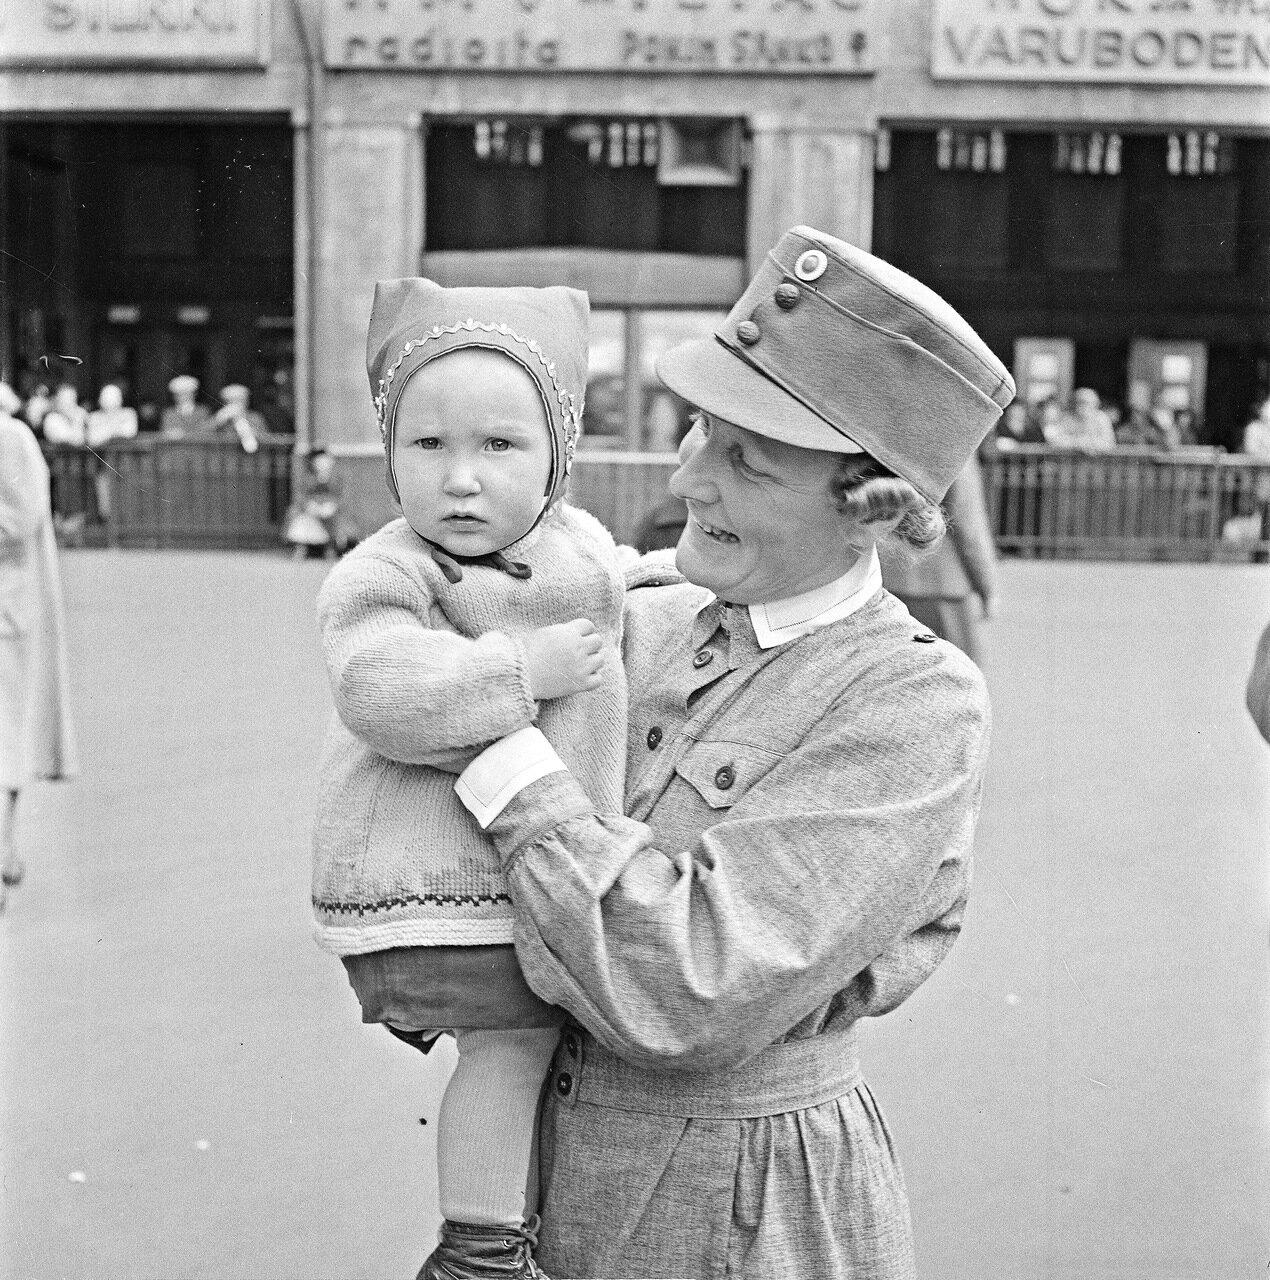 1941. 20 июня. Маленький пассажир на руках женщины из Лотта Свярд.